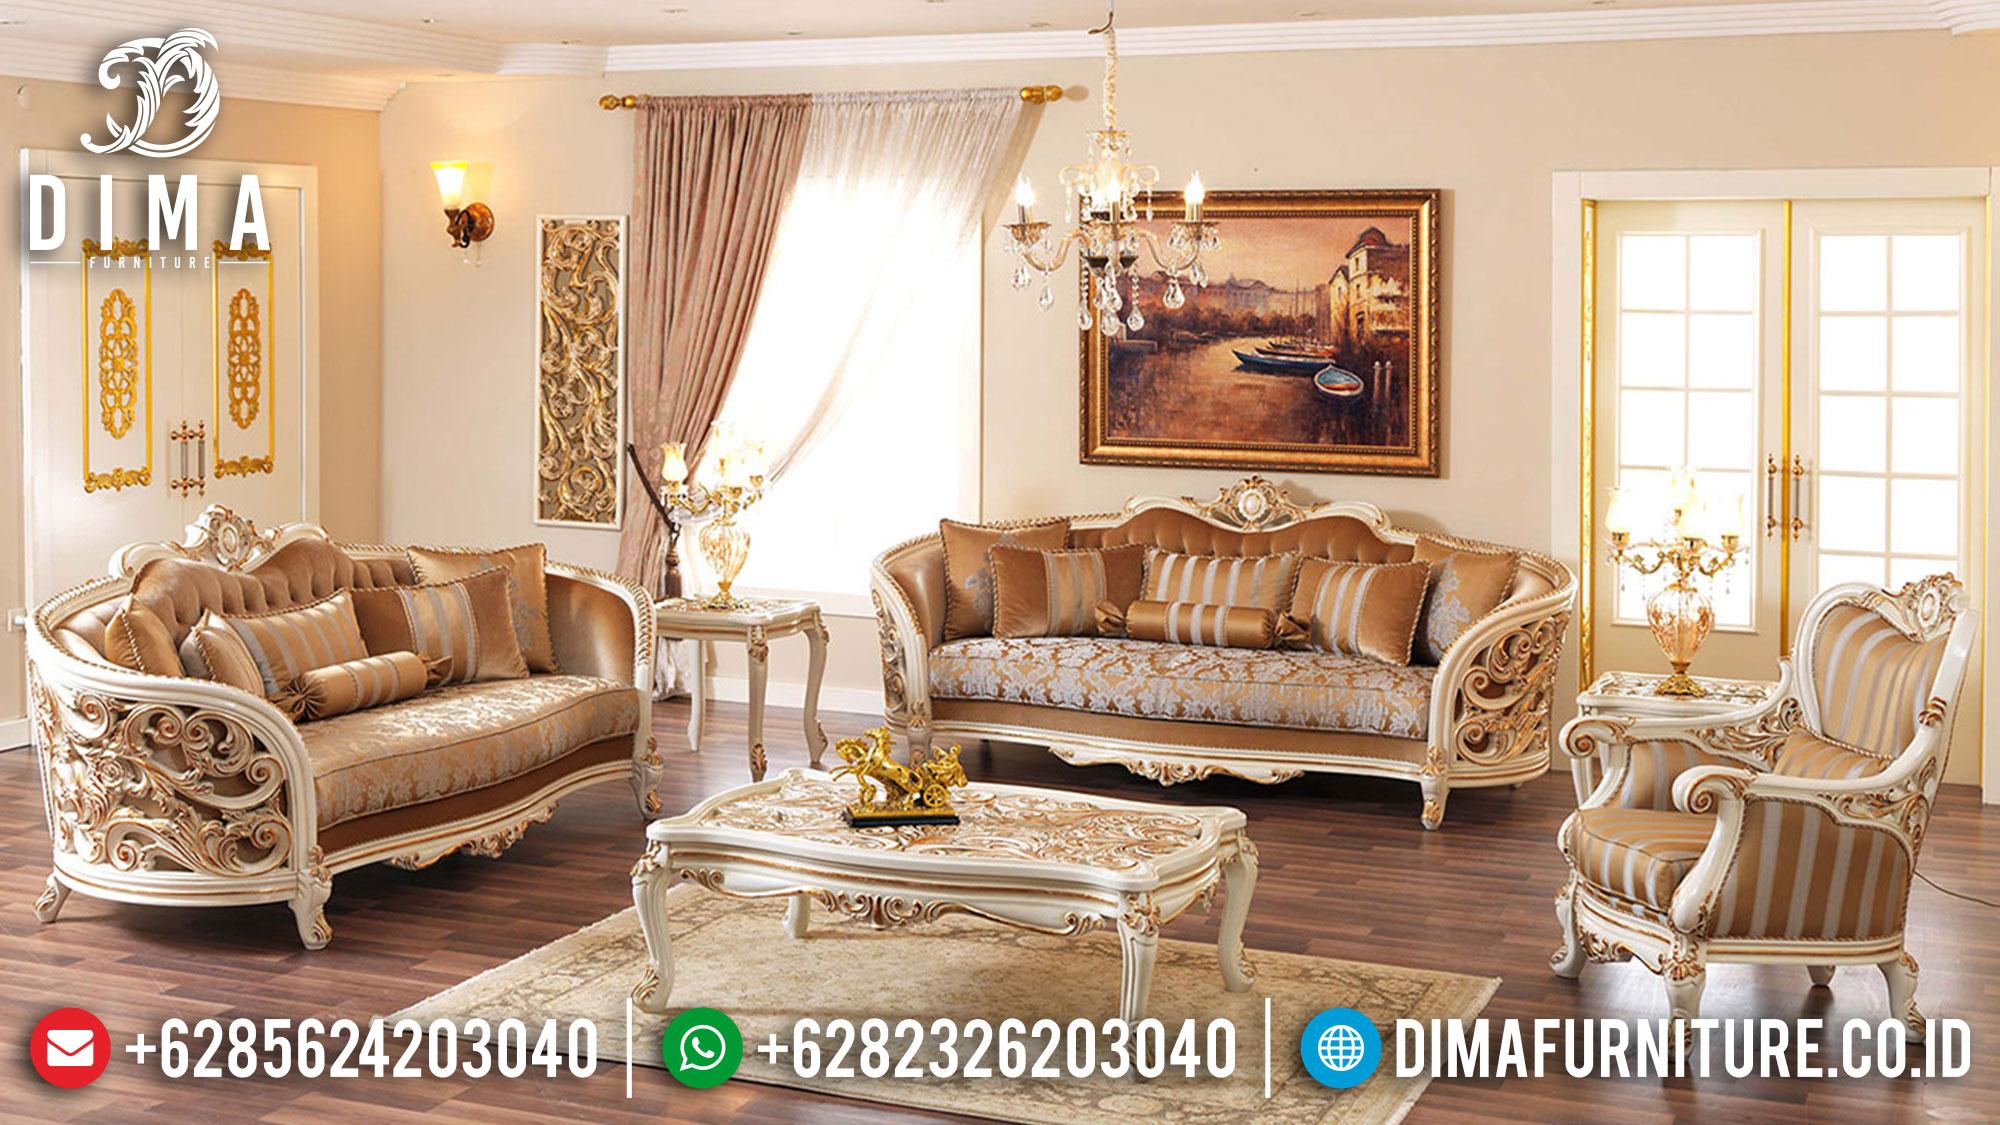 Elegant Style Sofa Tamu Mewah Terbaru Luxurious Deluxe Model Furniture Jepara Mm-0989